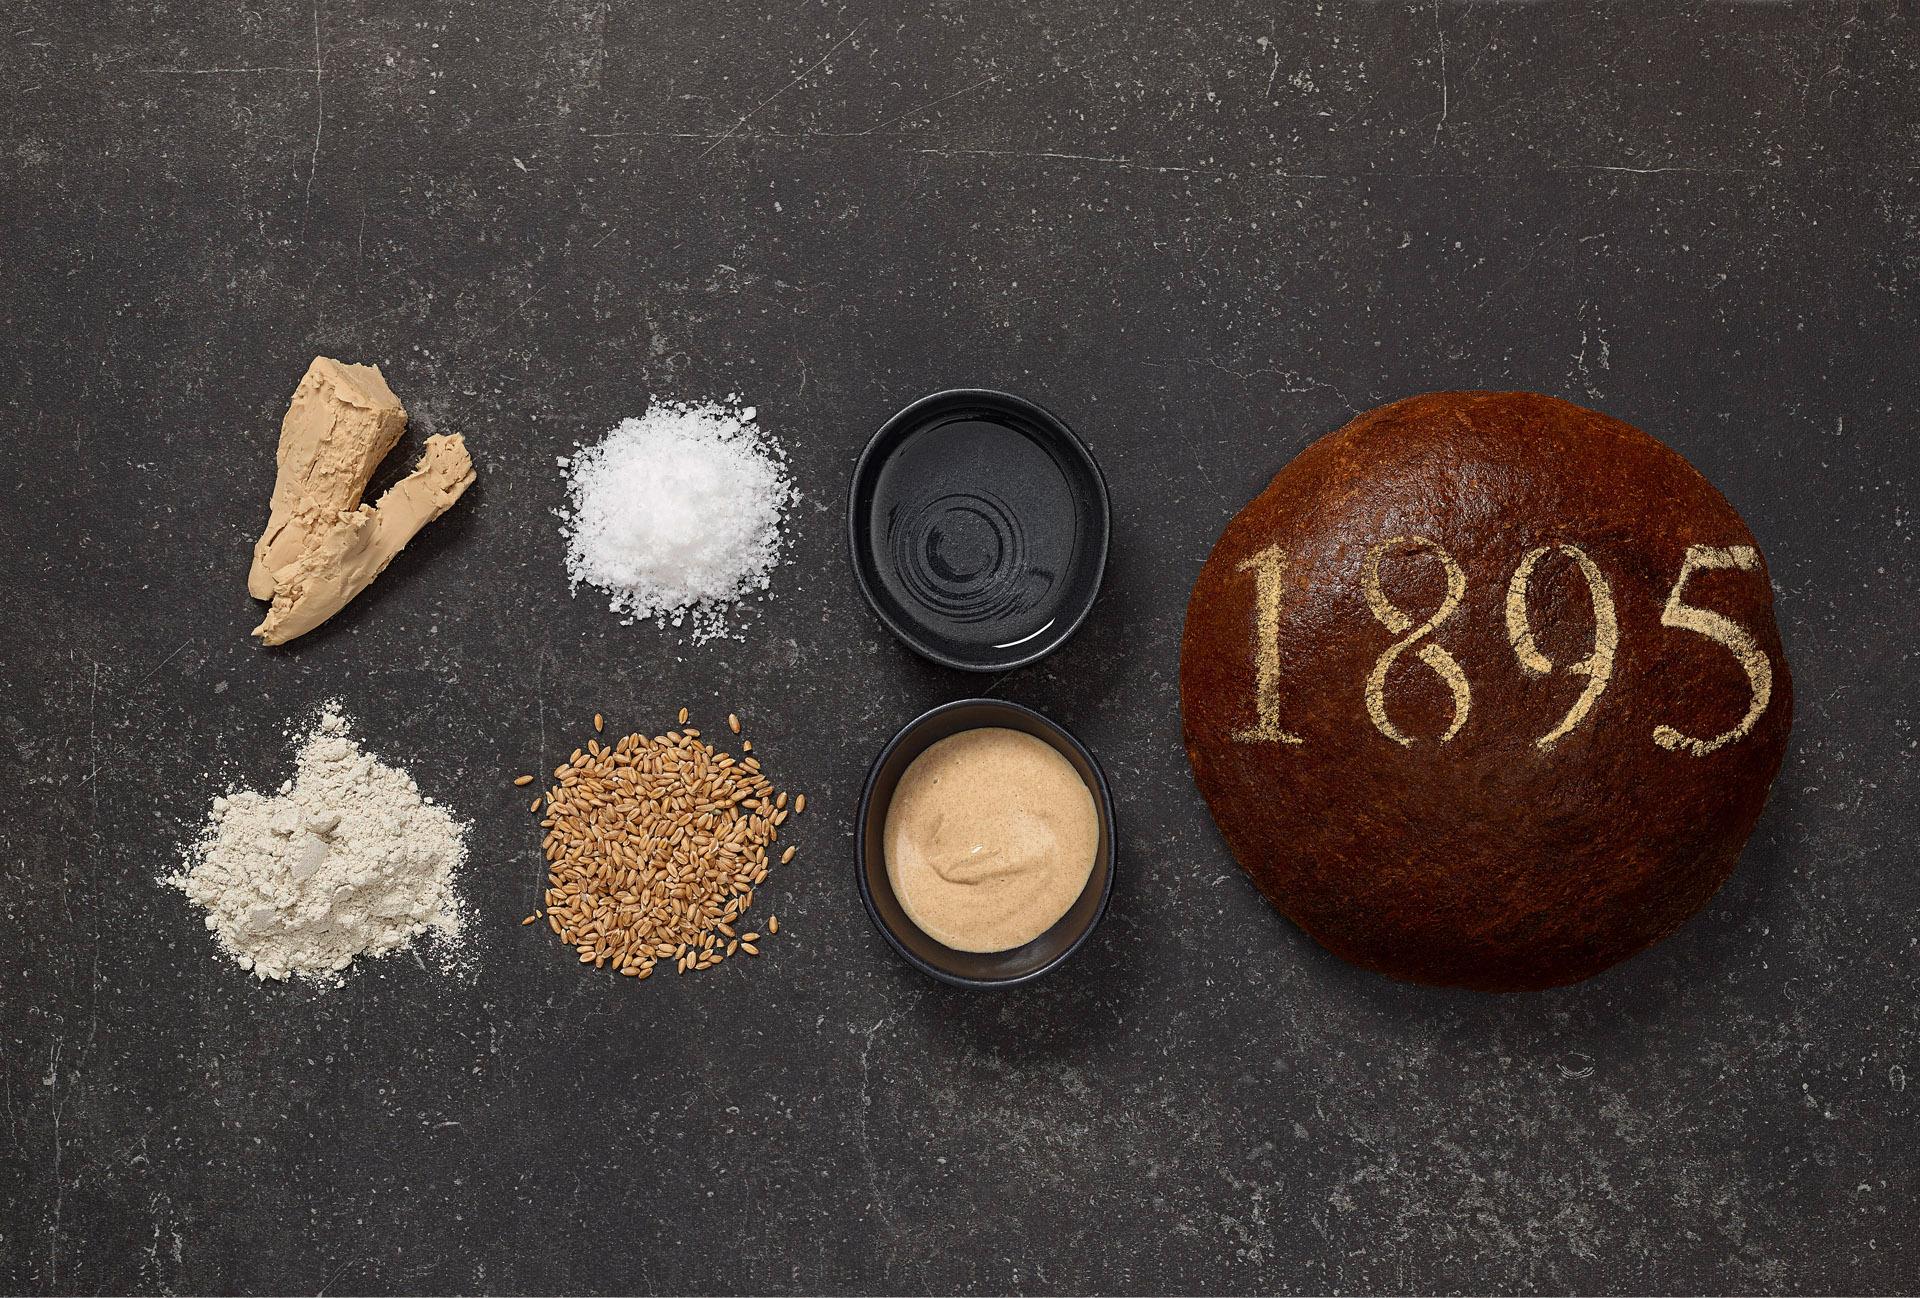 Brot - Kunde Terbuyken - fotograf: holger puhl